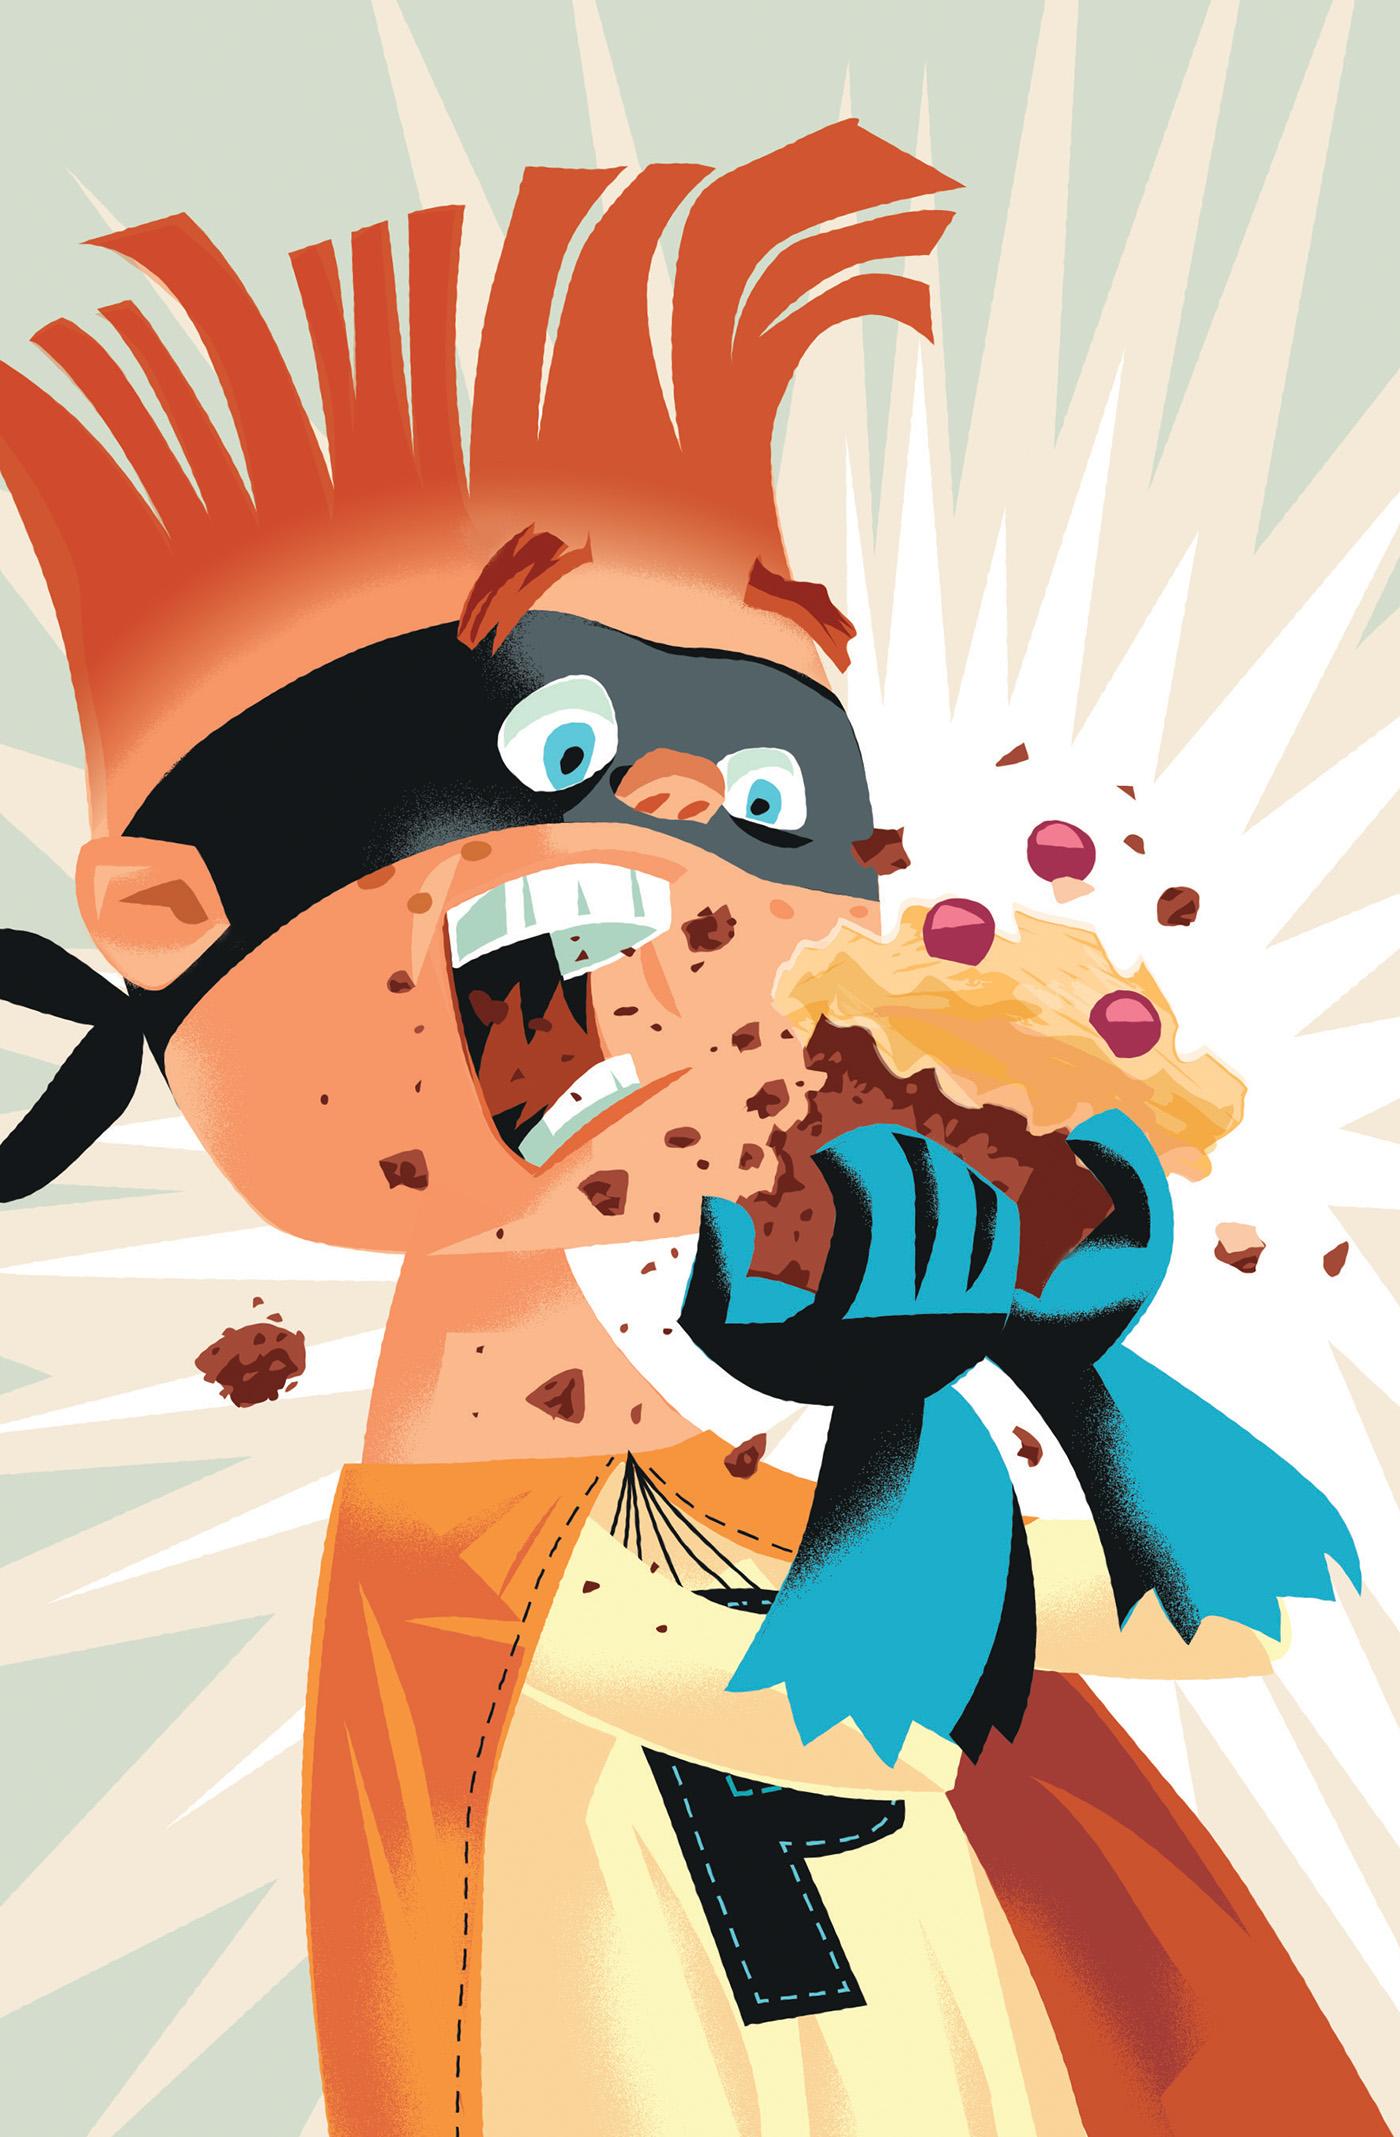 Superhero kid eating cake-Dean Gorissen Illustration.jpg